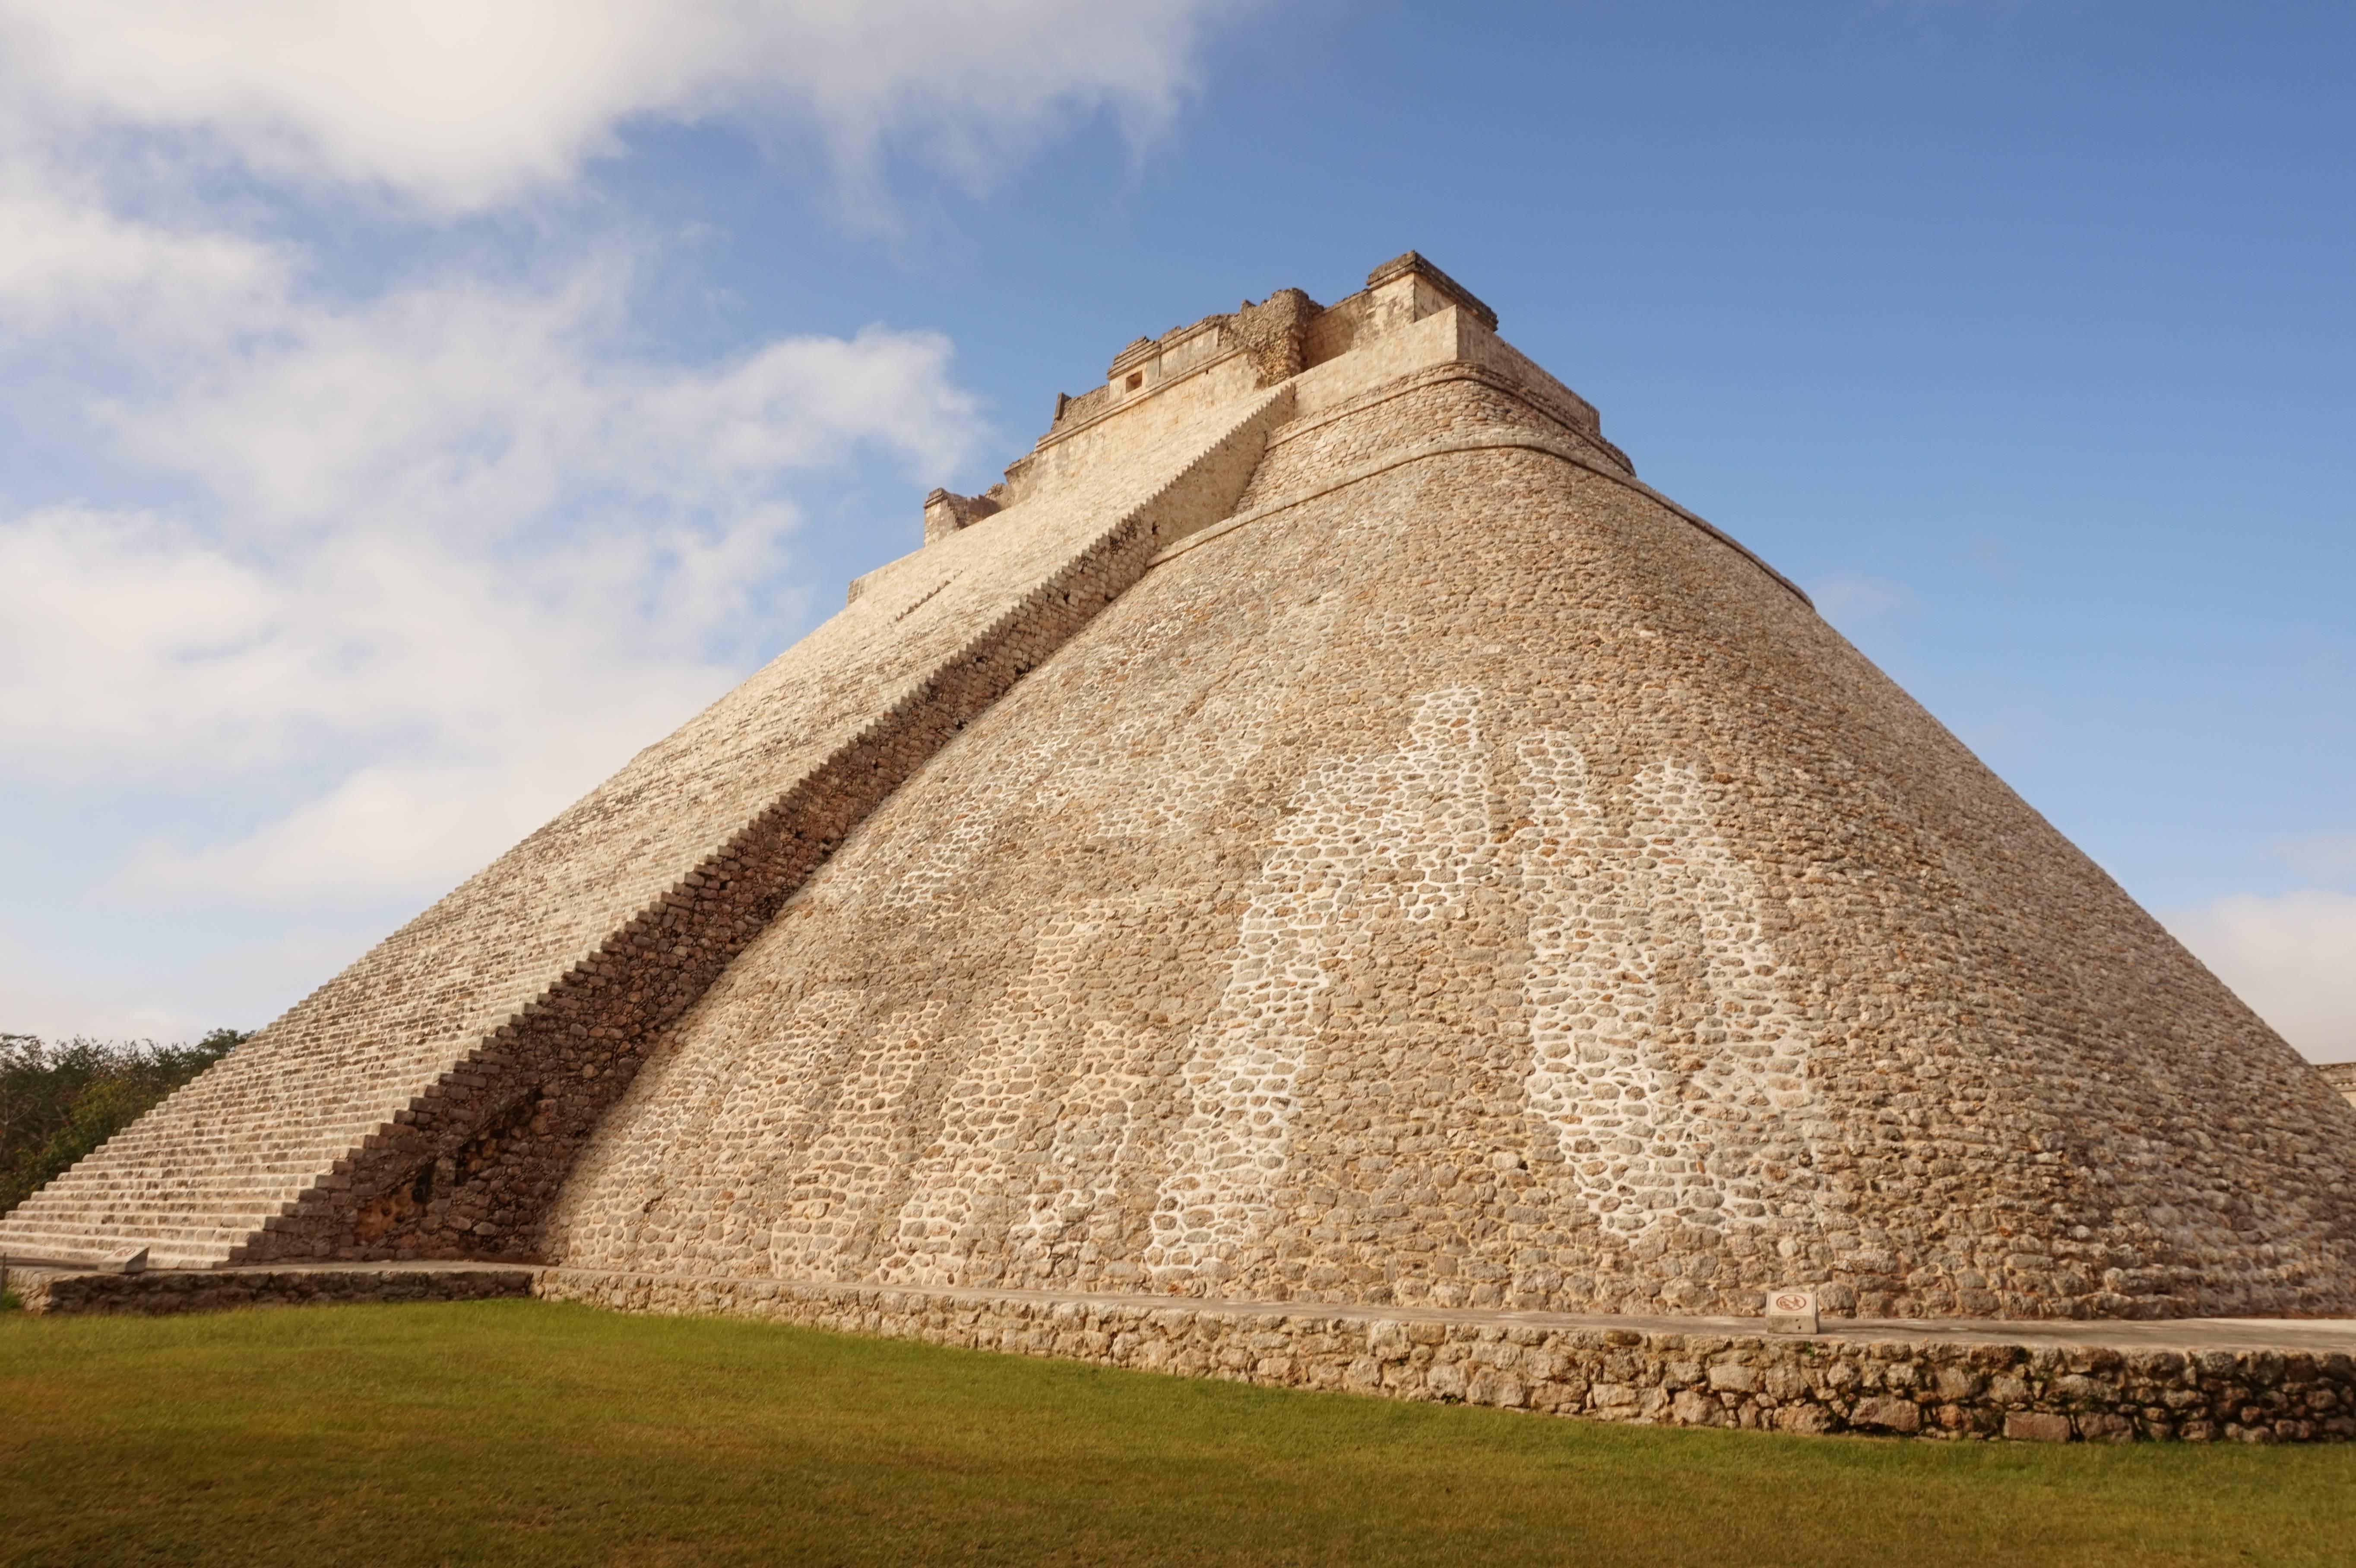 Photo 1: Uxmal, une des plus belles cité Maya